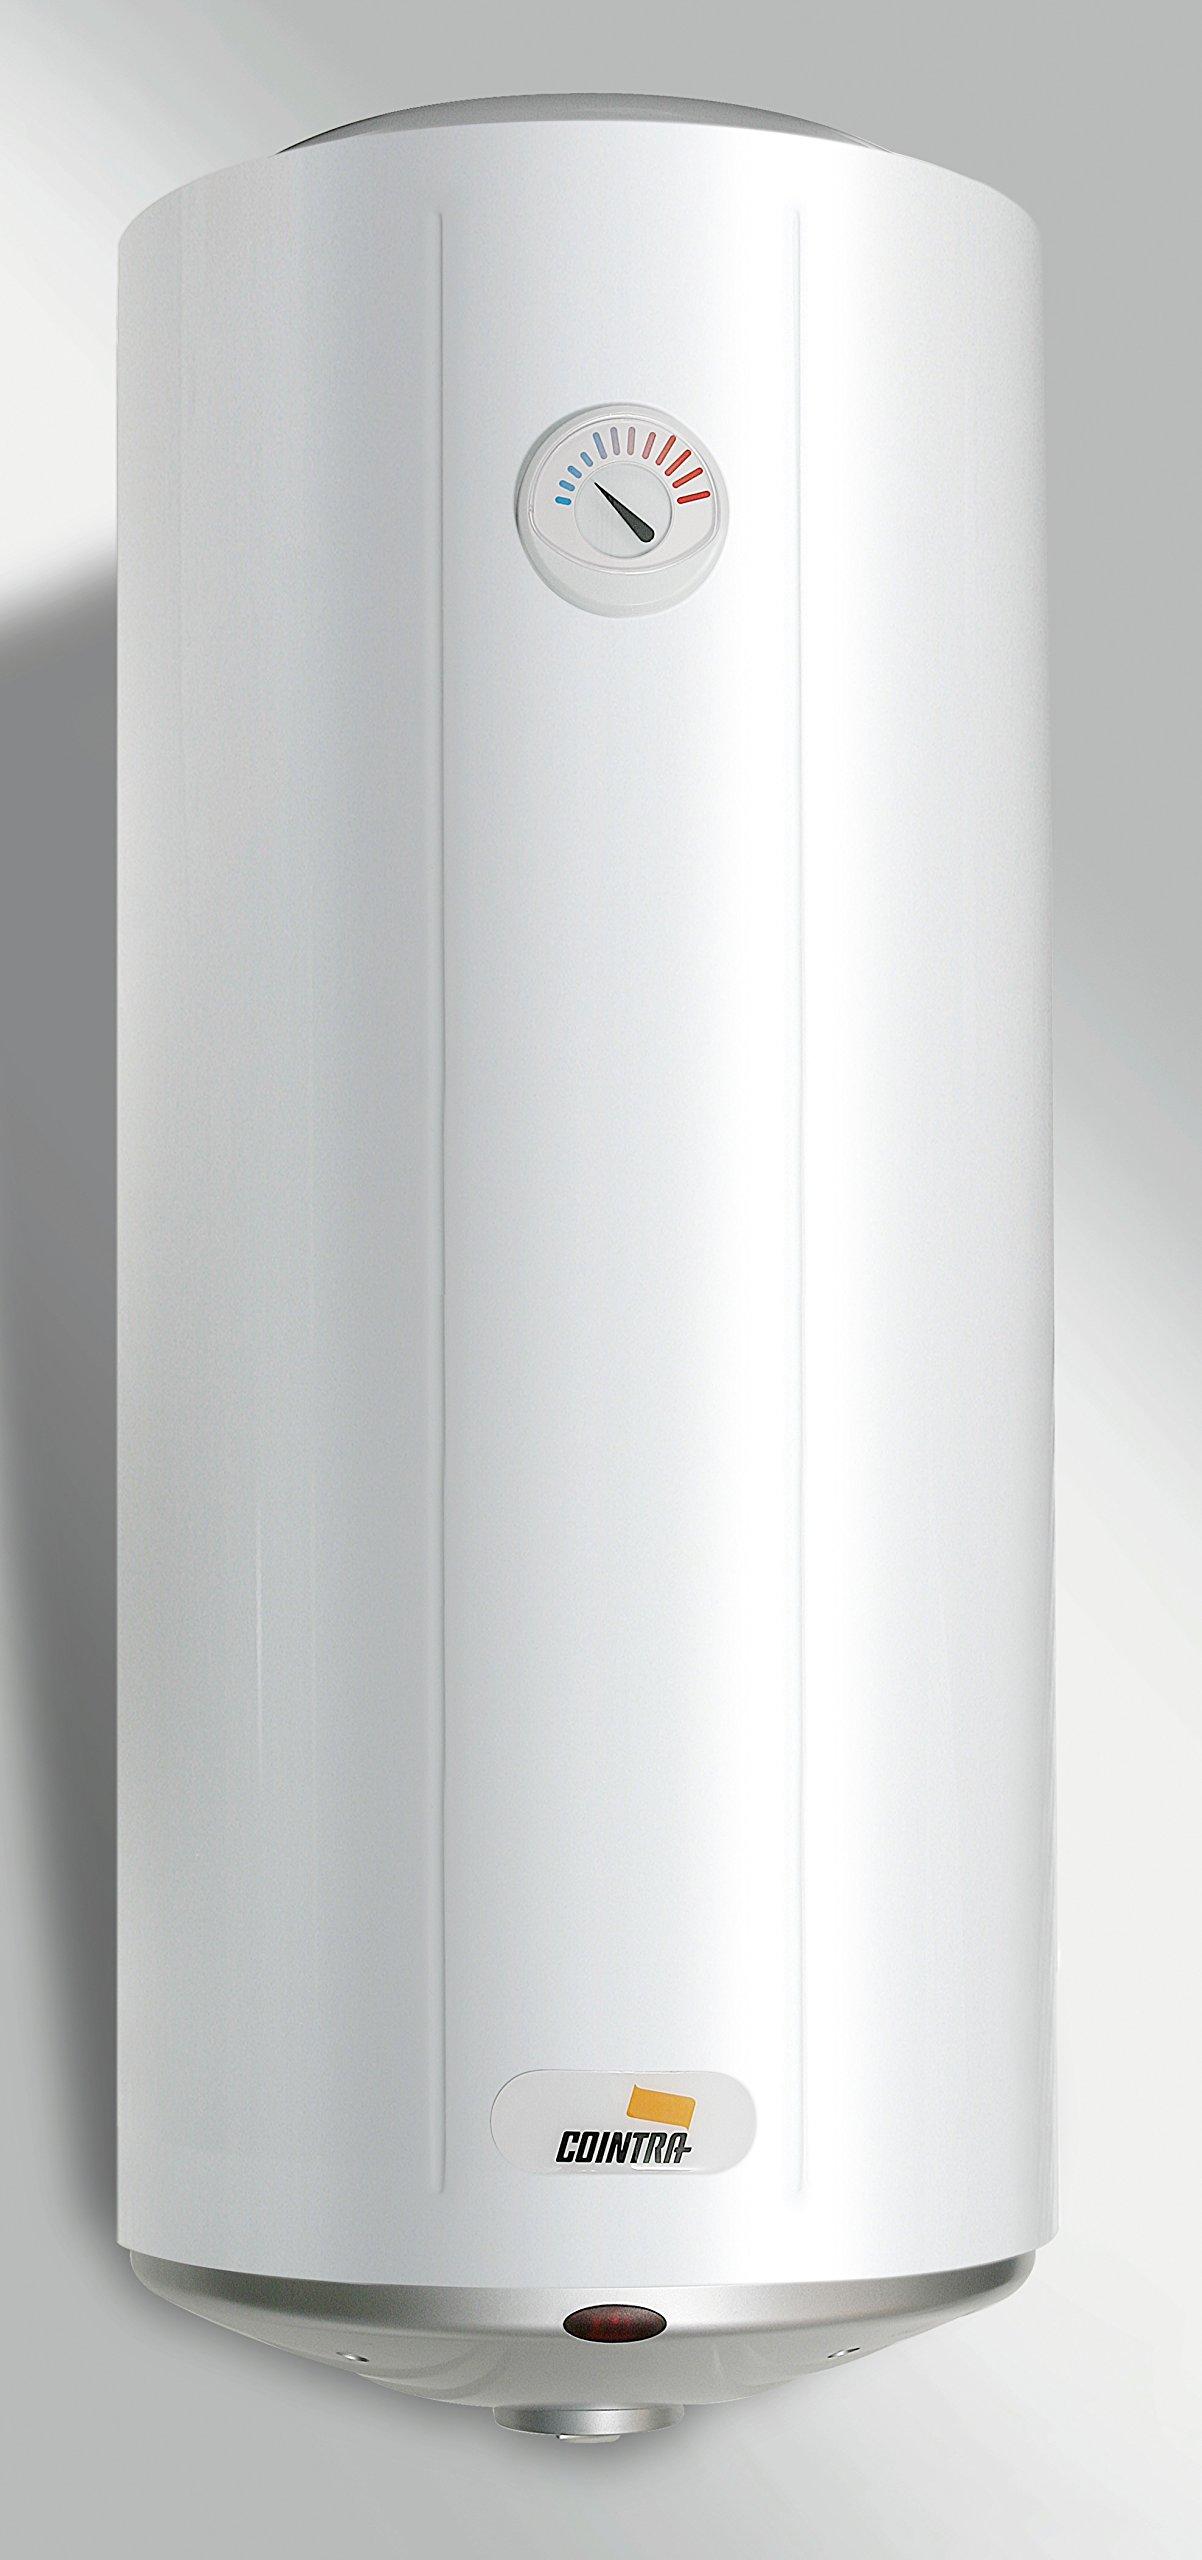 Cointra TB-80 Depósito (almacenamiento de agua) Sistema de calentador único Vertical Plata – Hervidor de agua (Vertical…